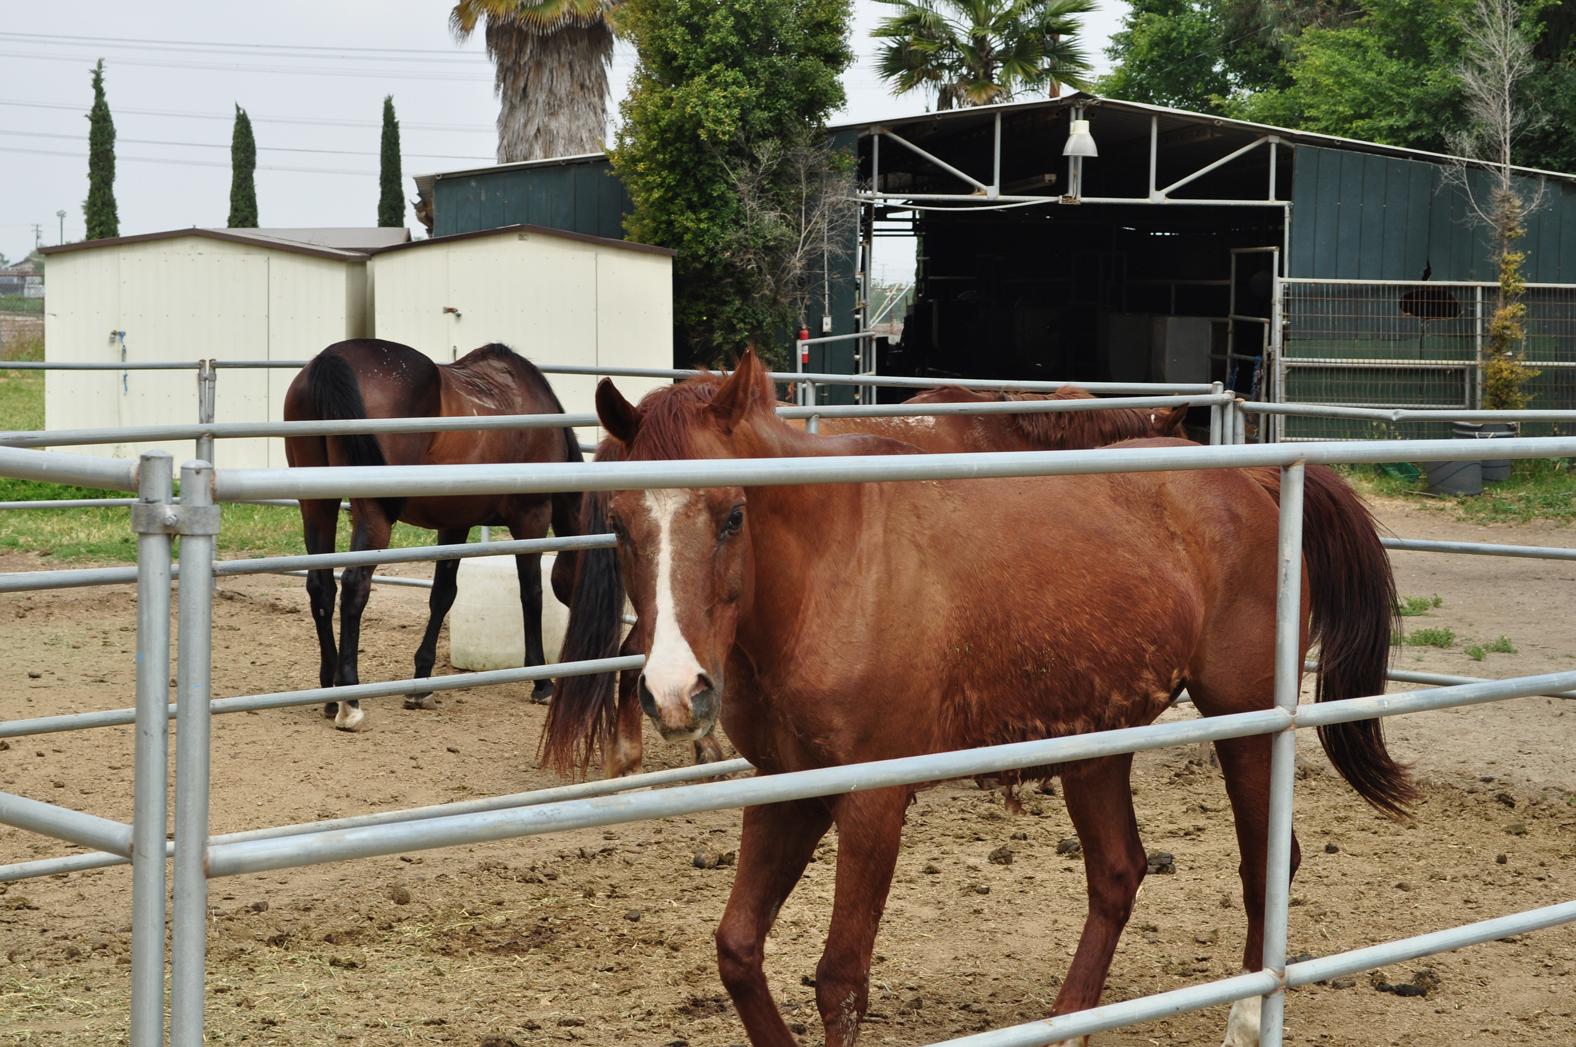 Prado Horses in stables